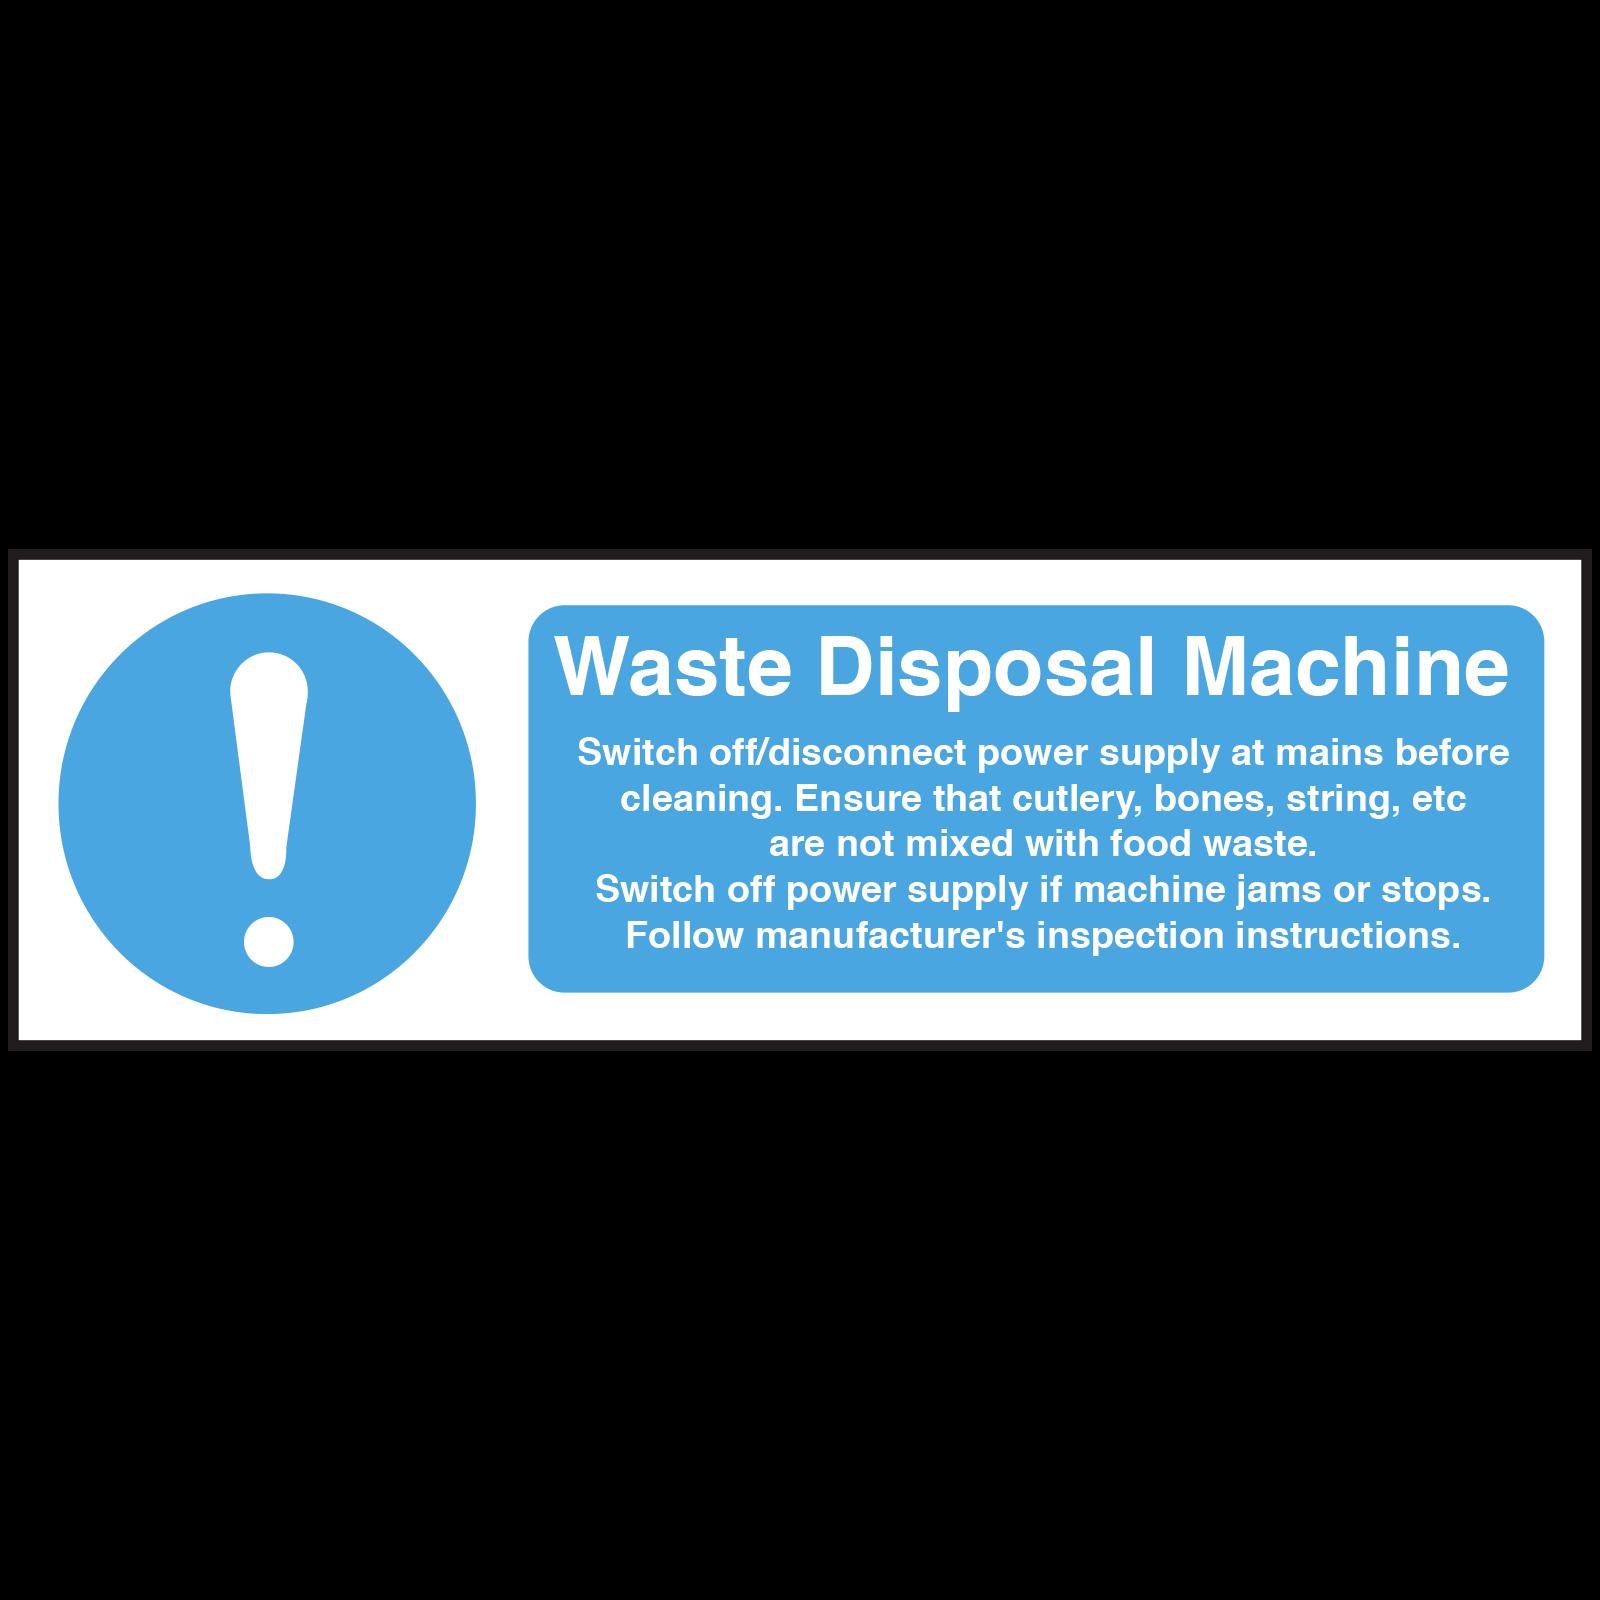 Waste Disposal Machine equipment safety Notice